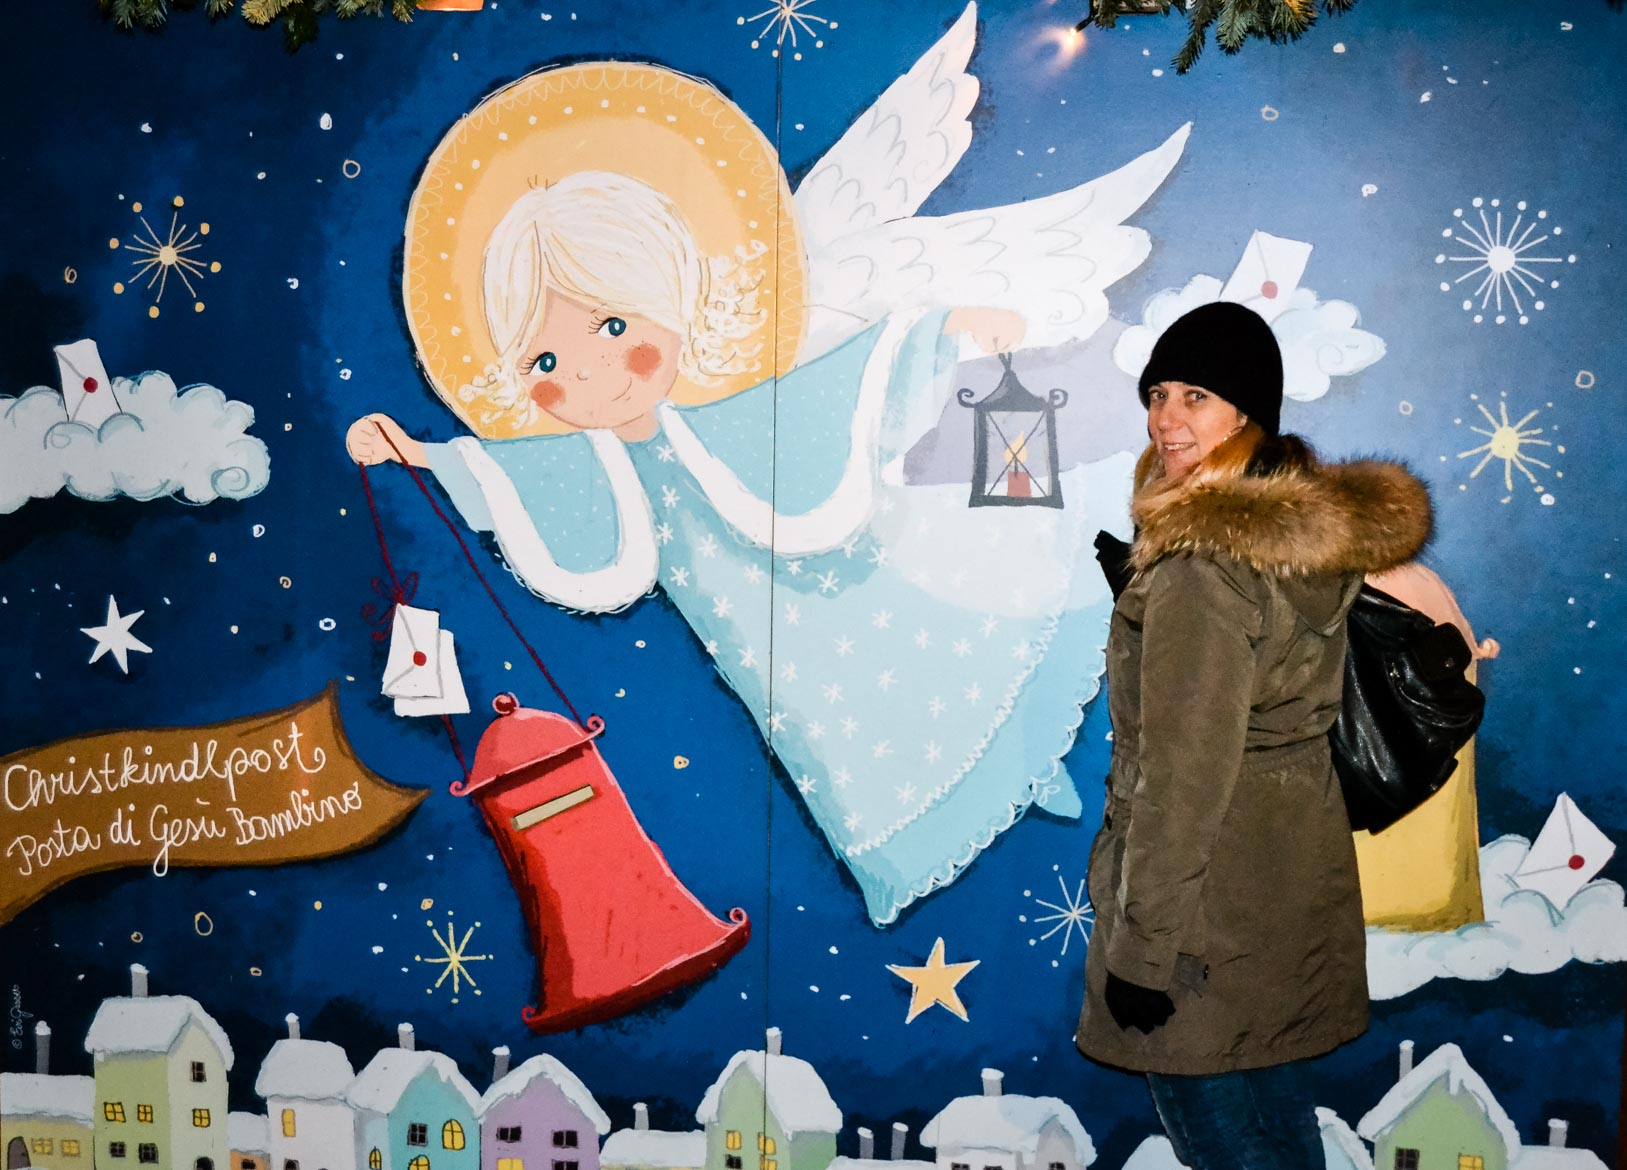 Mercatino Natale Bressanone - Monica Bruni - In viaggio con Monica